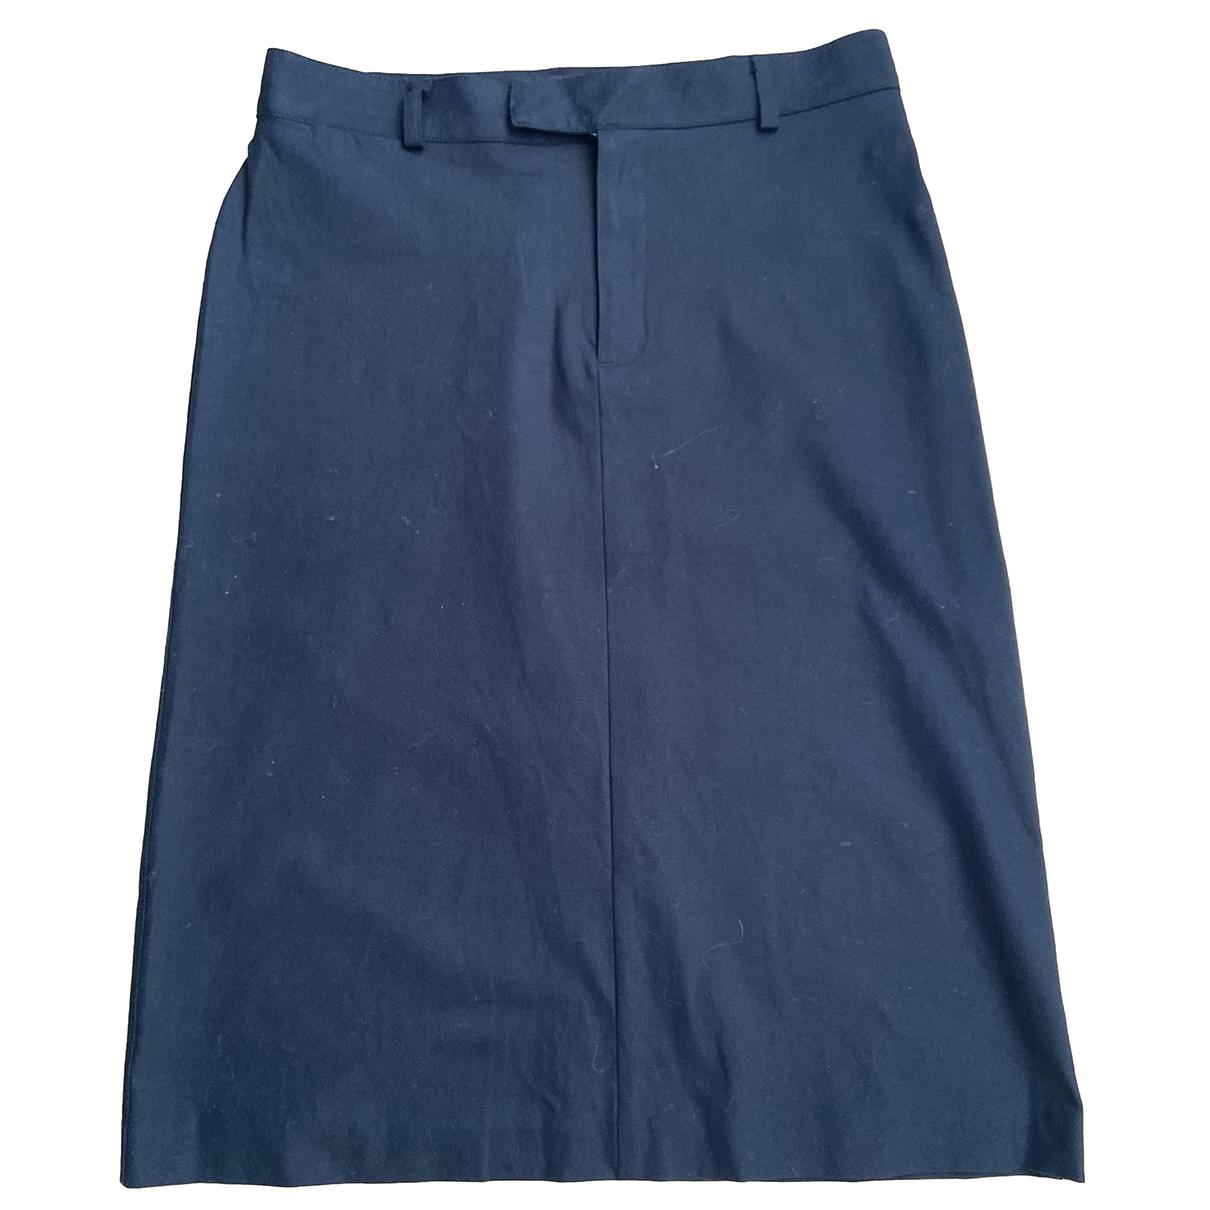 Apc \N Black Cotton skirt for Women 38 FR